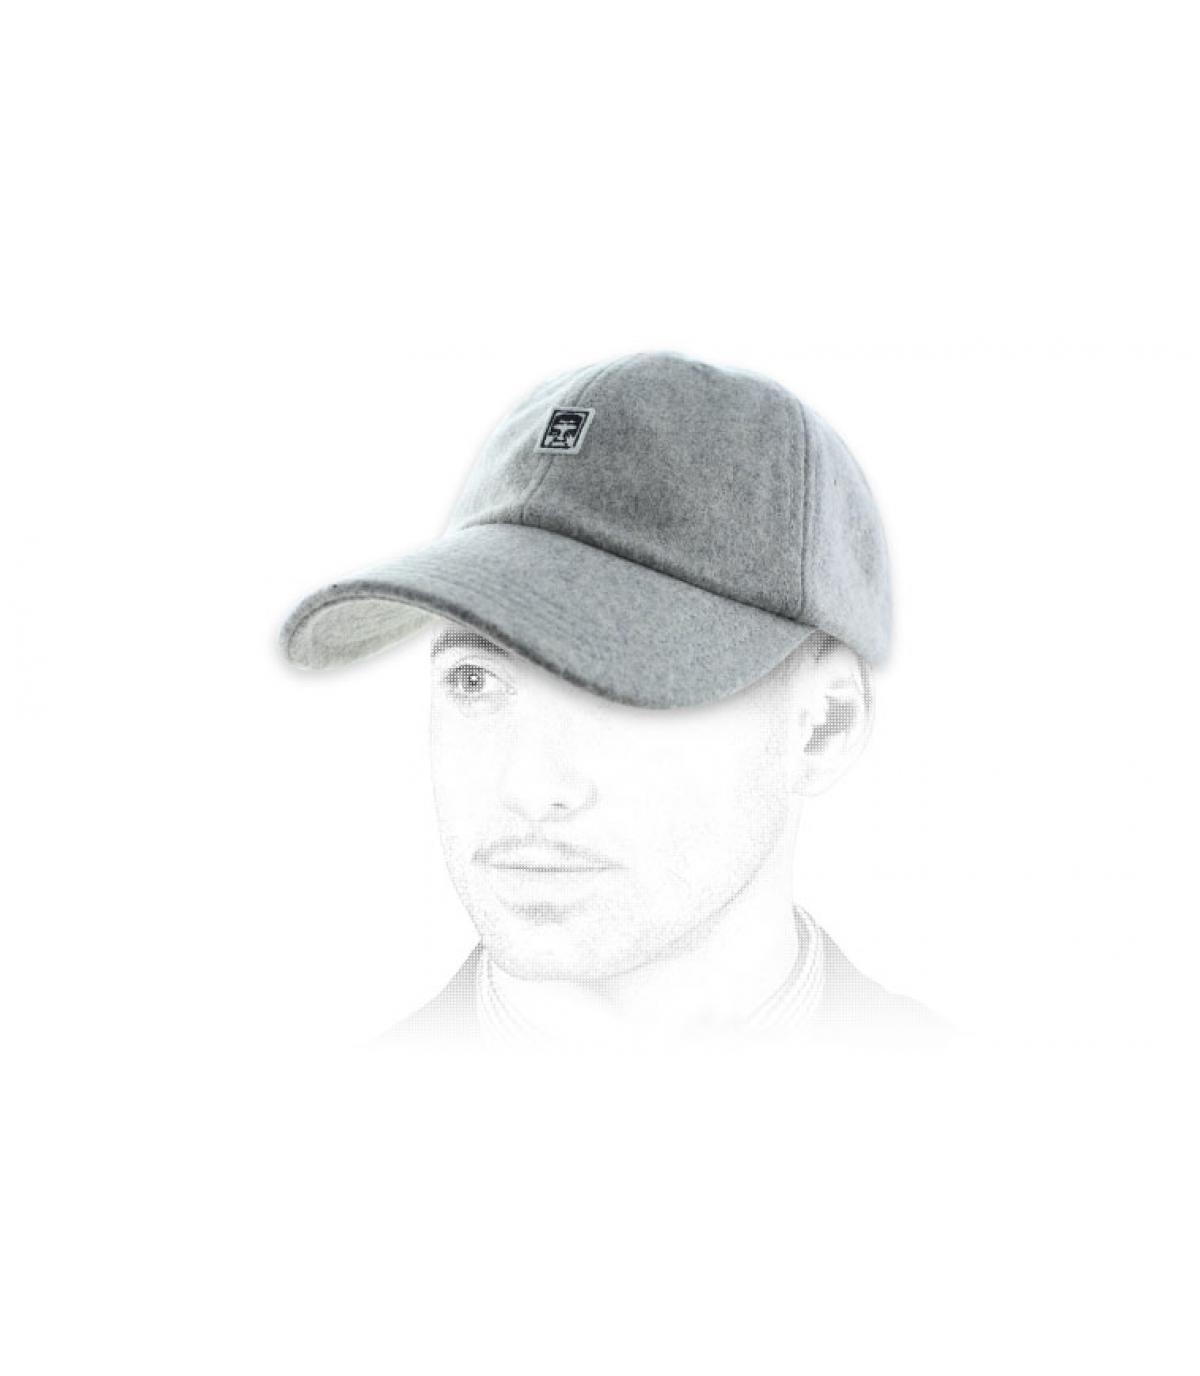 gorra Obey el color gris jaspeado